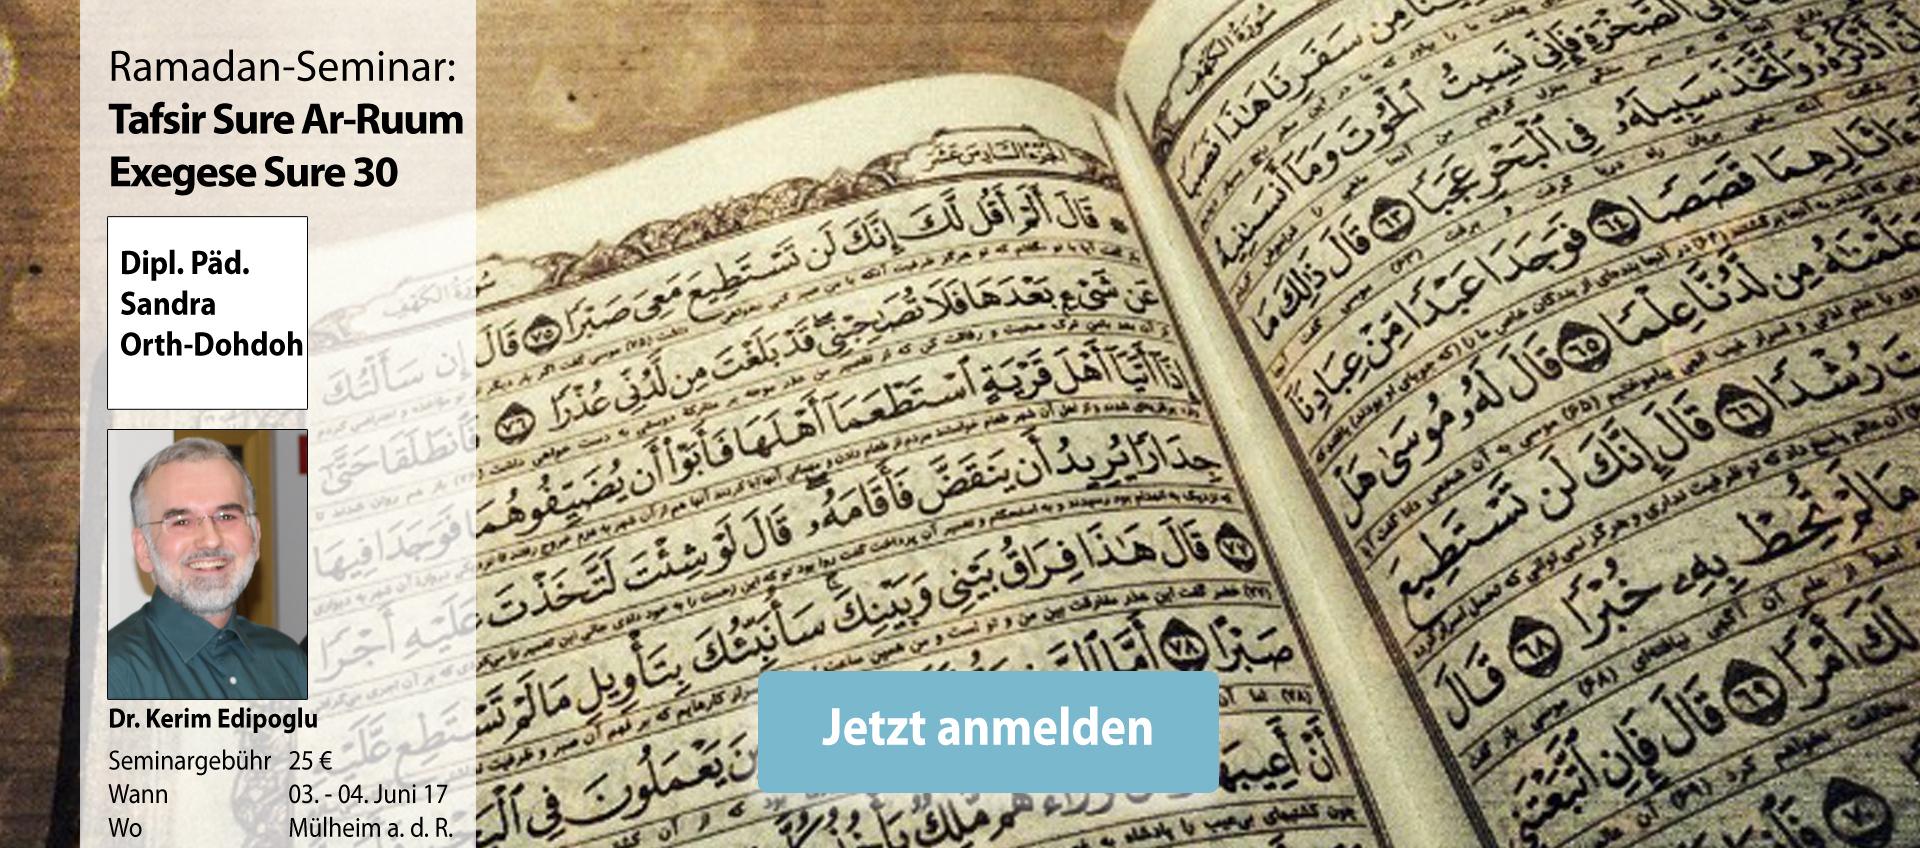 Ramadan Slideshow Image